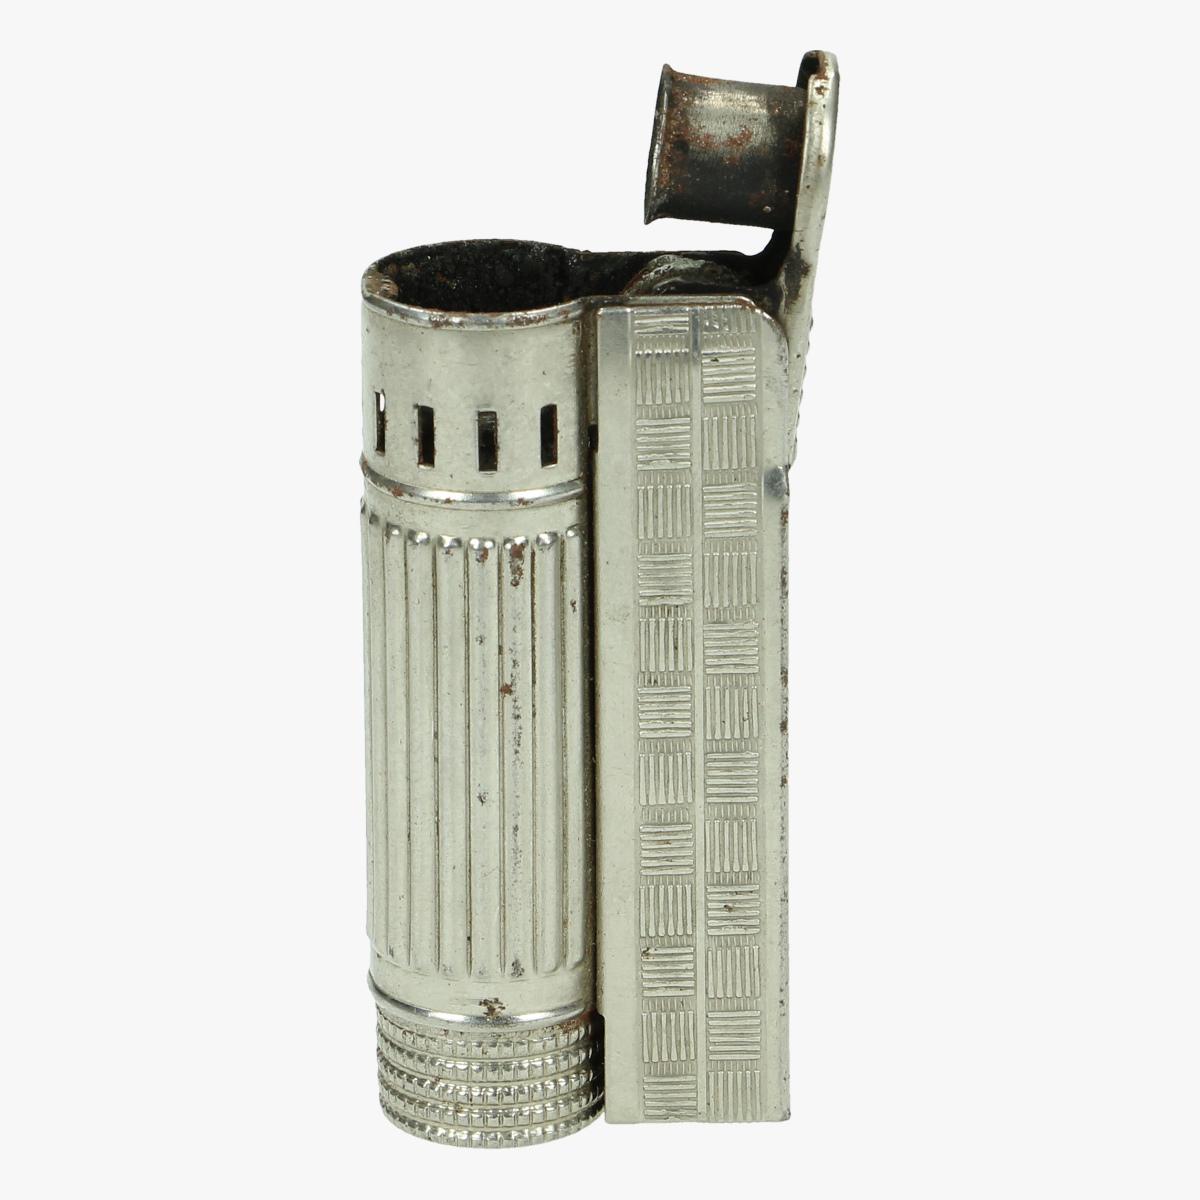 Afbeeldingen van oude aansteker patent mini fox made in austria